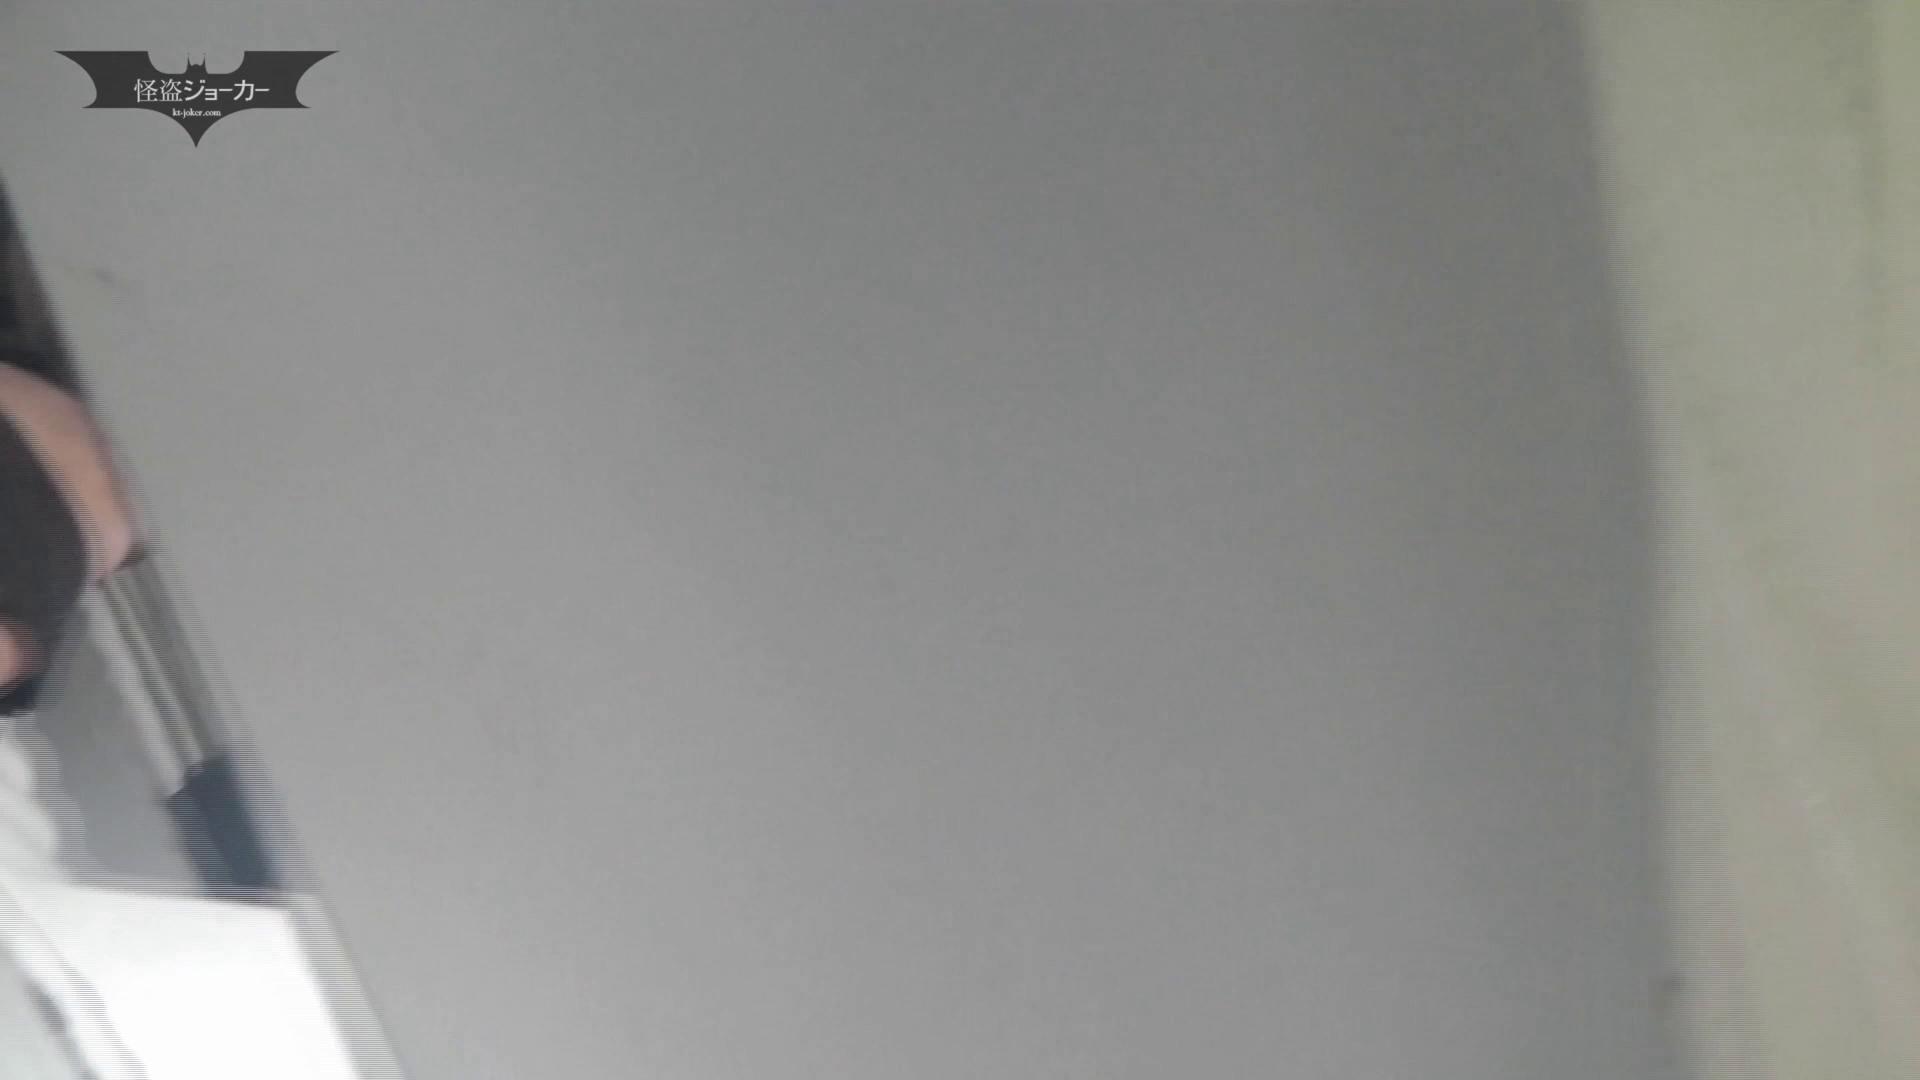 潜入!!台湾名門女学院 Vol.11 三尻同時狩り 丸見え  100PIX 37